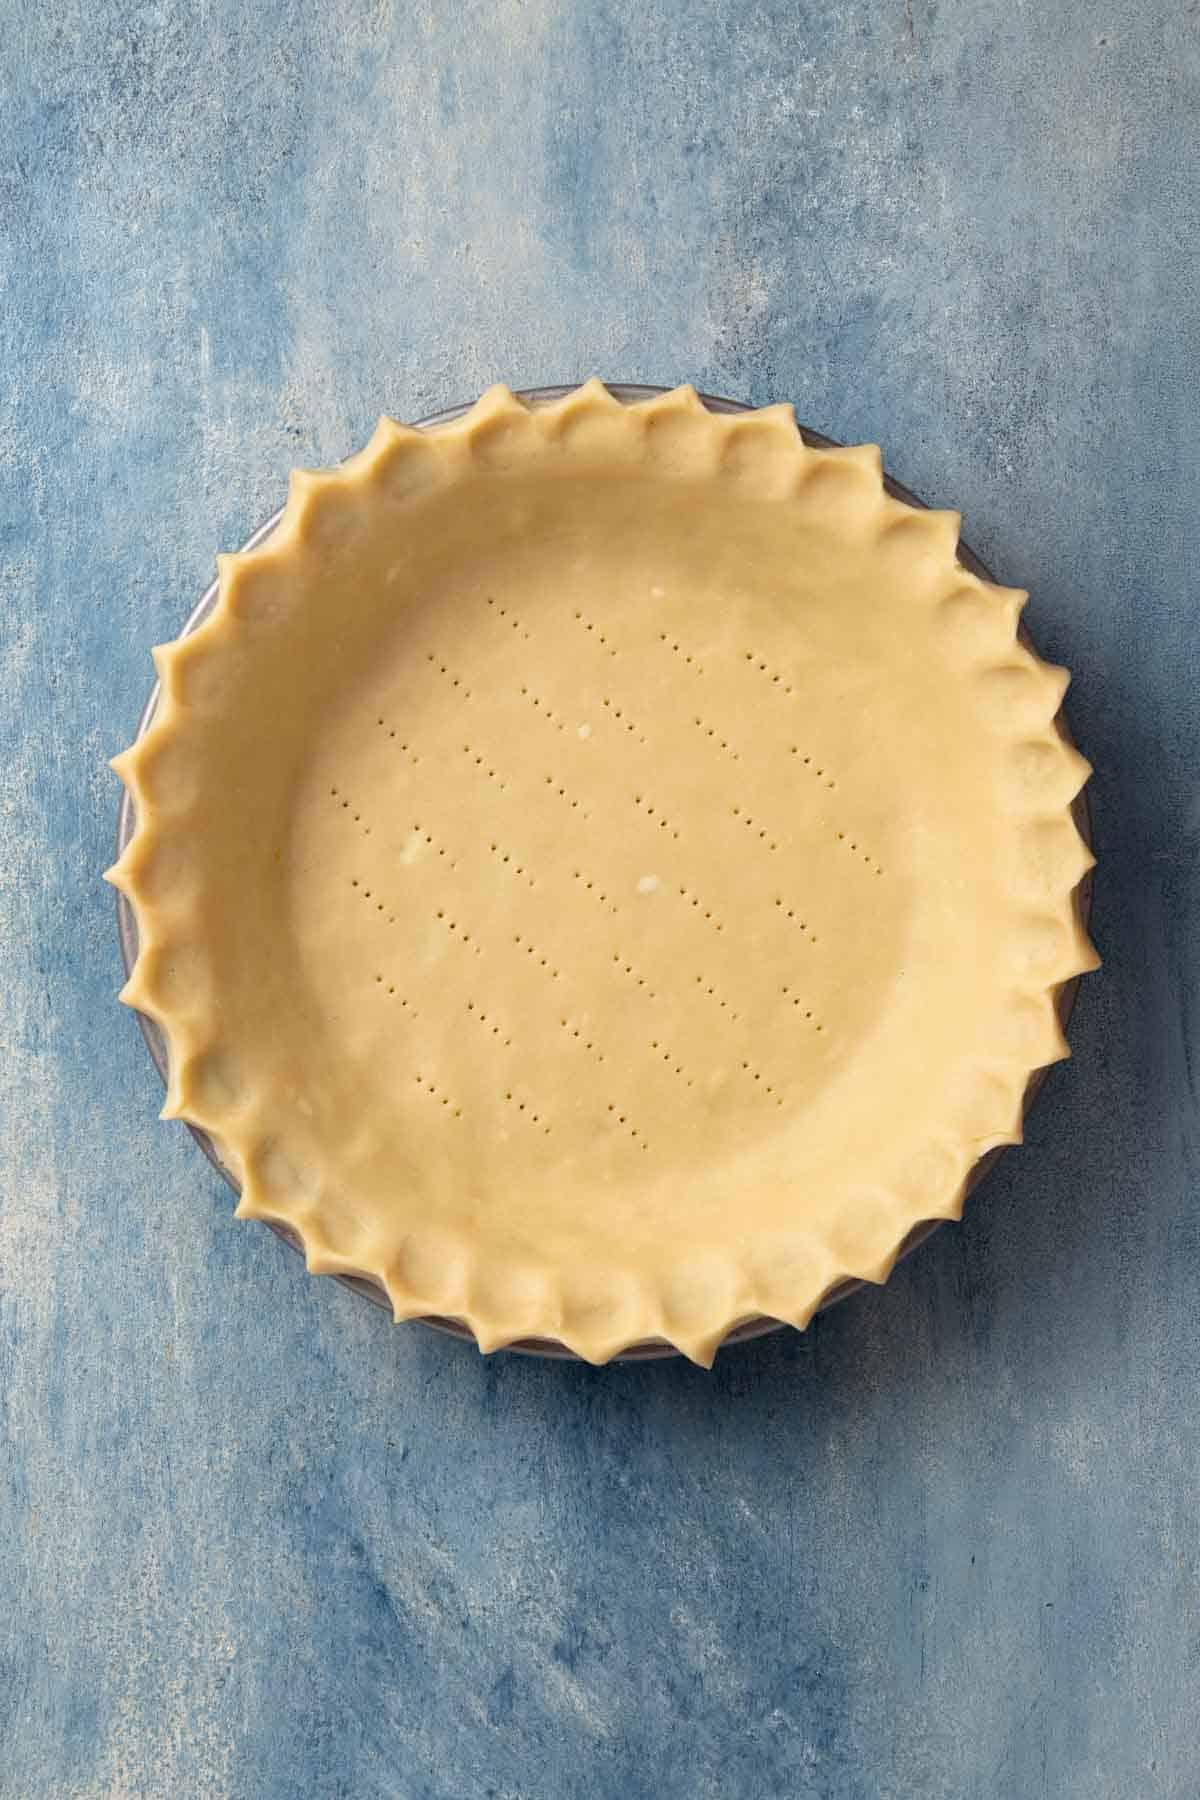 docked pie dough in a pie plate